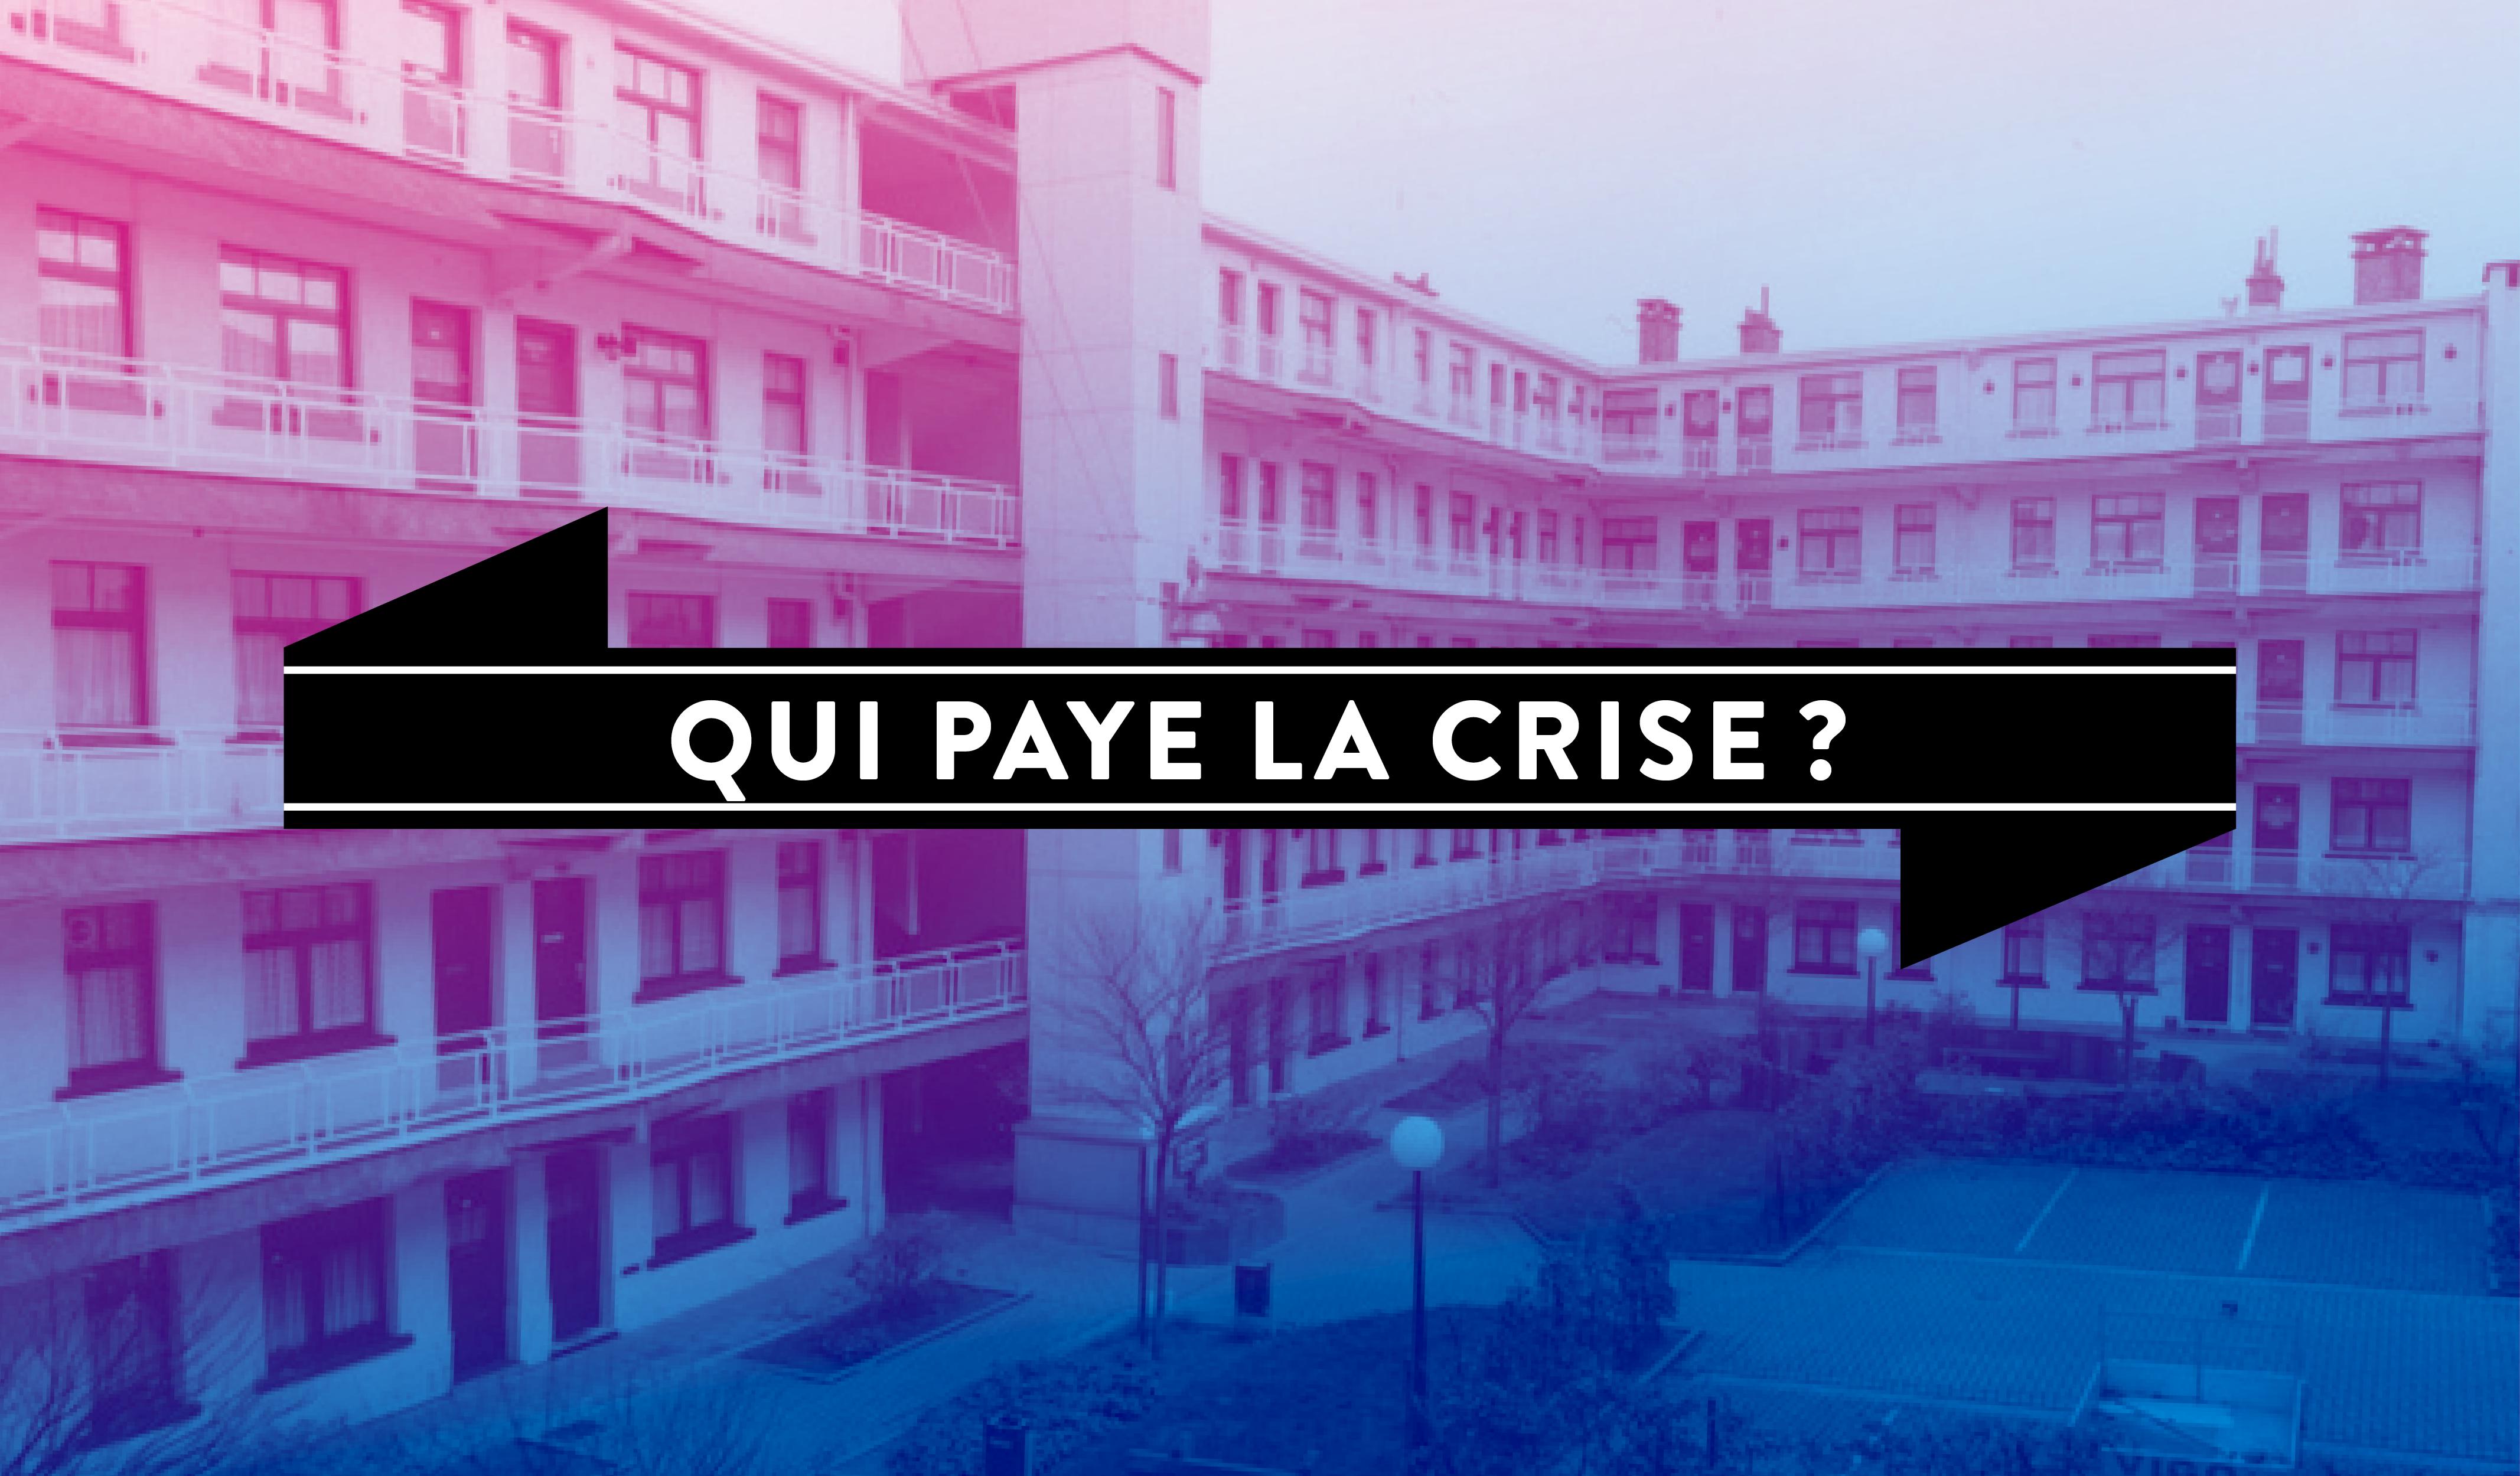 Qui paye la crise?